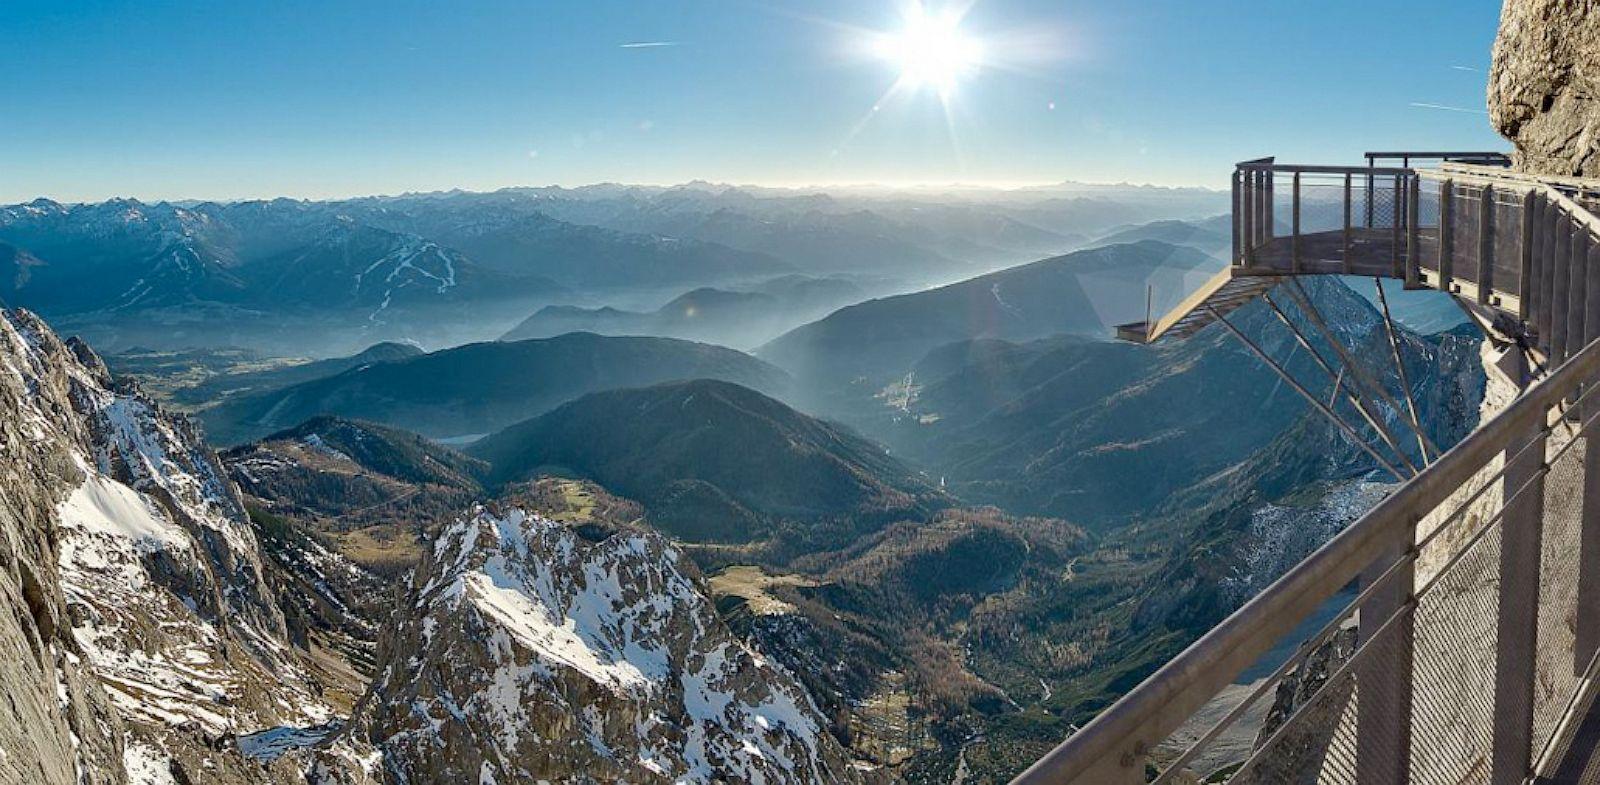 PHOTO: The Dachstein Suspension Bridge